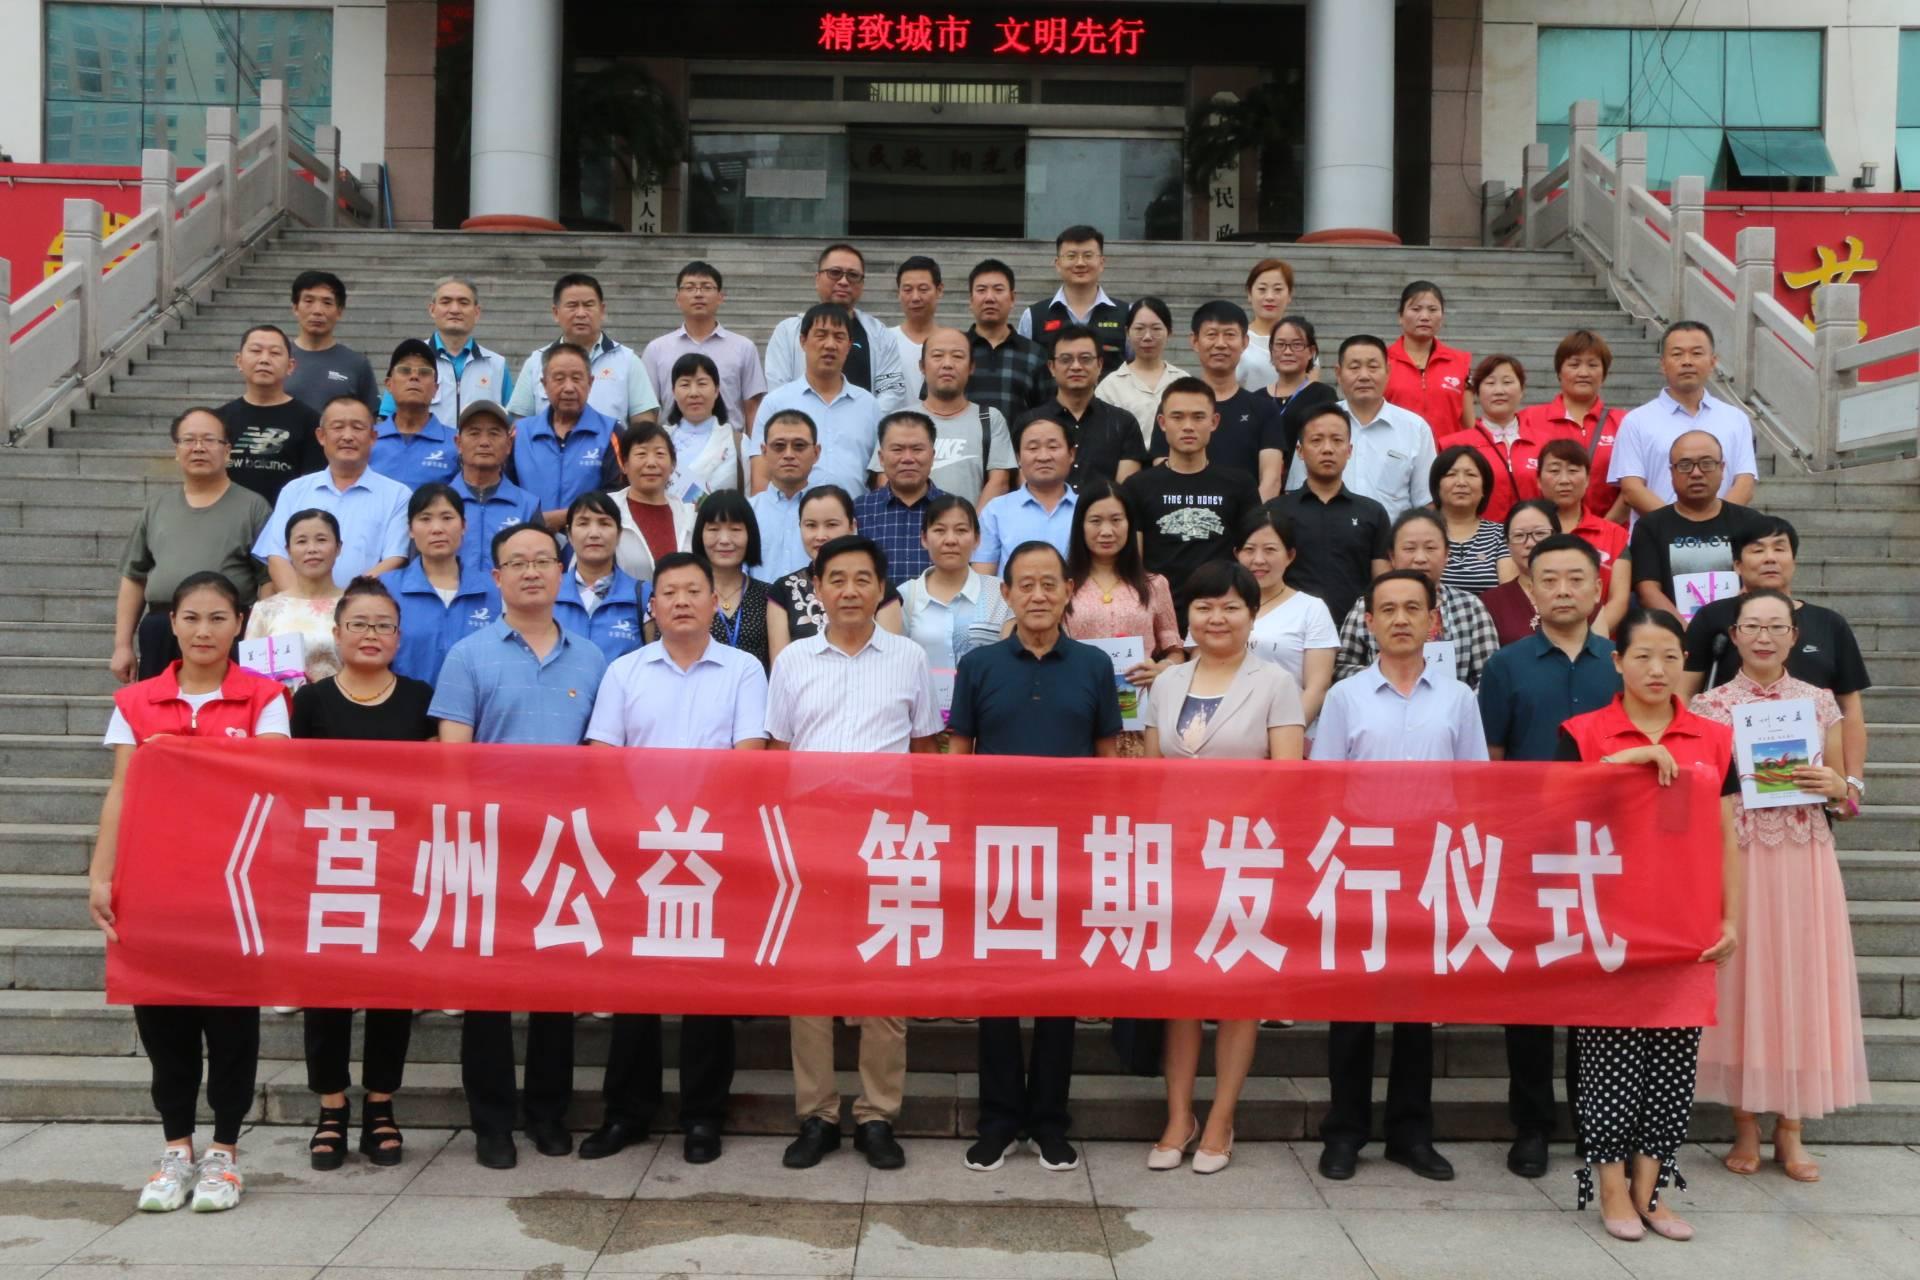 山东莒县公益文化发展中心《莒州公益》第四期在县民政局举行发行仪式